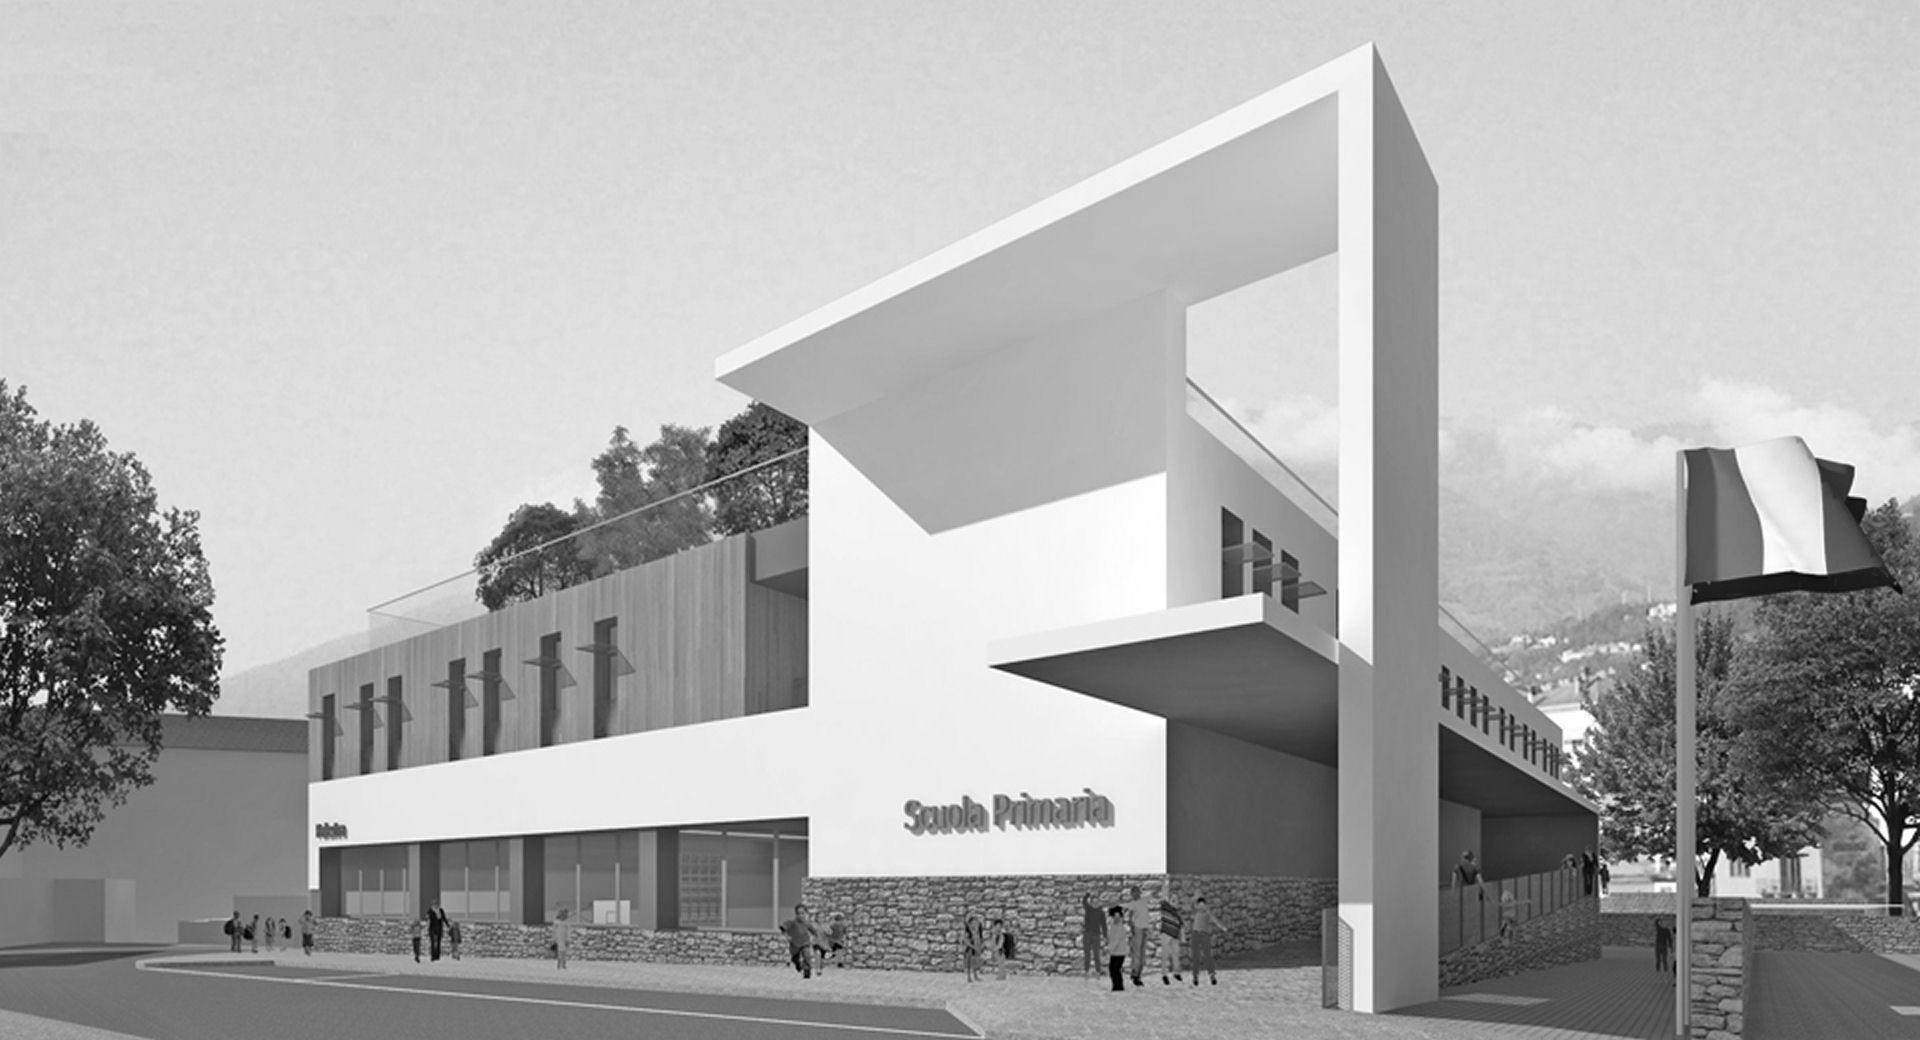 Nuova Scuola Primaria -2015-